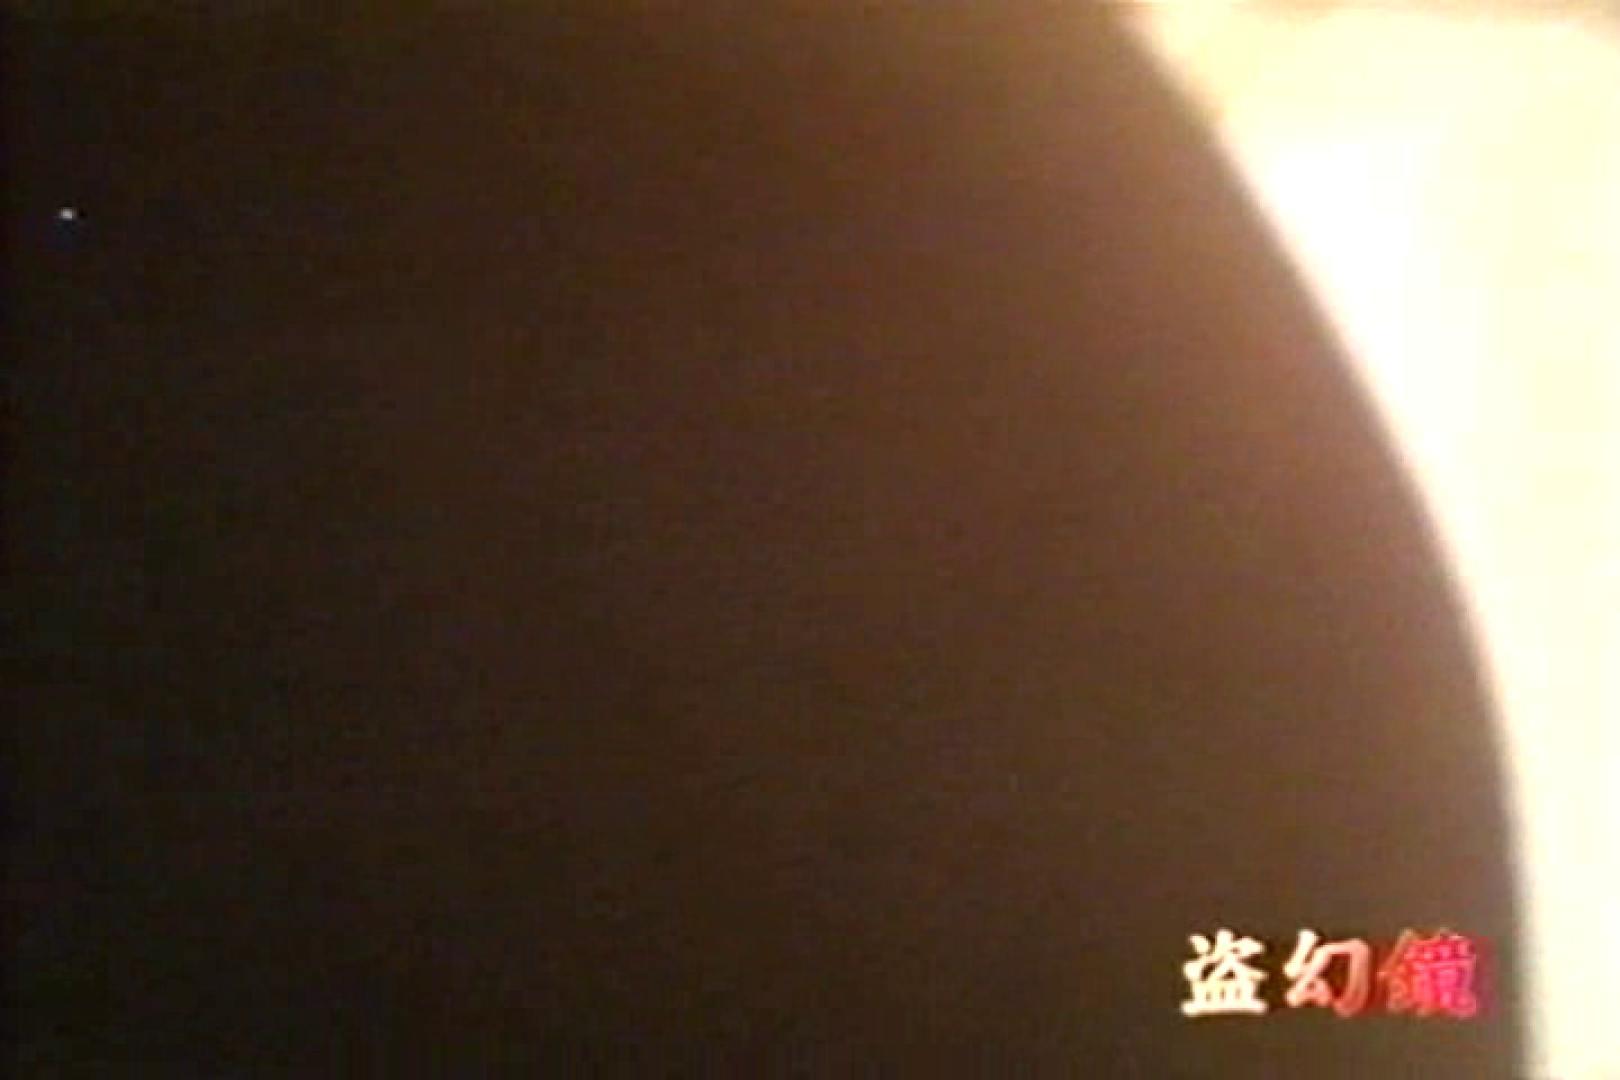 二点盗撮 水着試着室 HS-3 ギャルヌード 濡れ場動画紹介 108画像 92